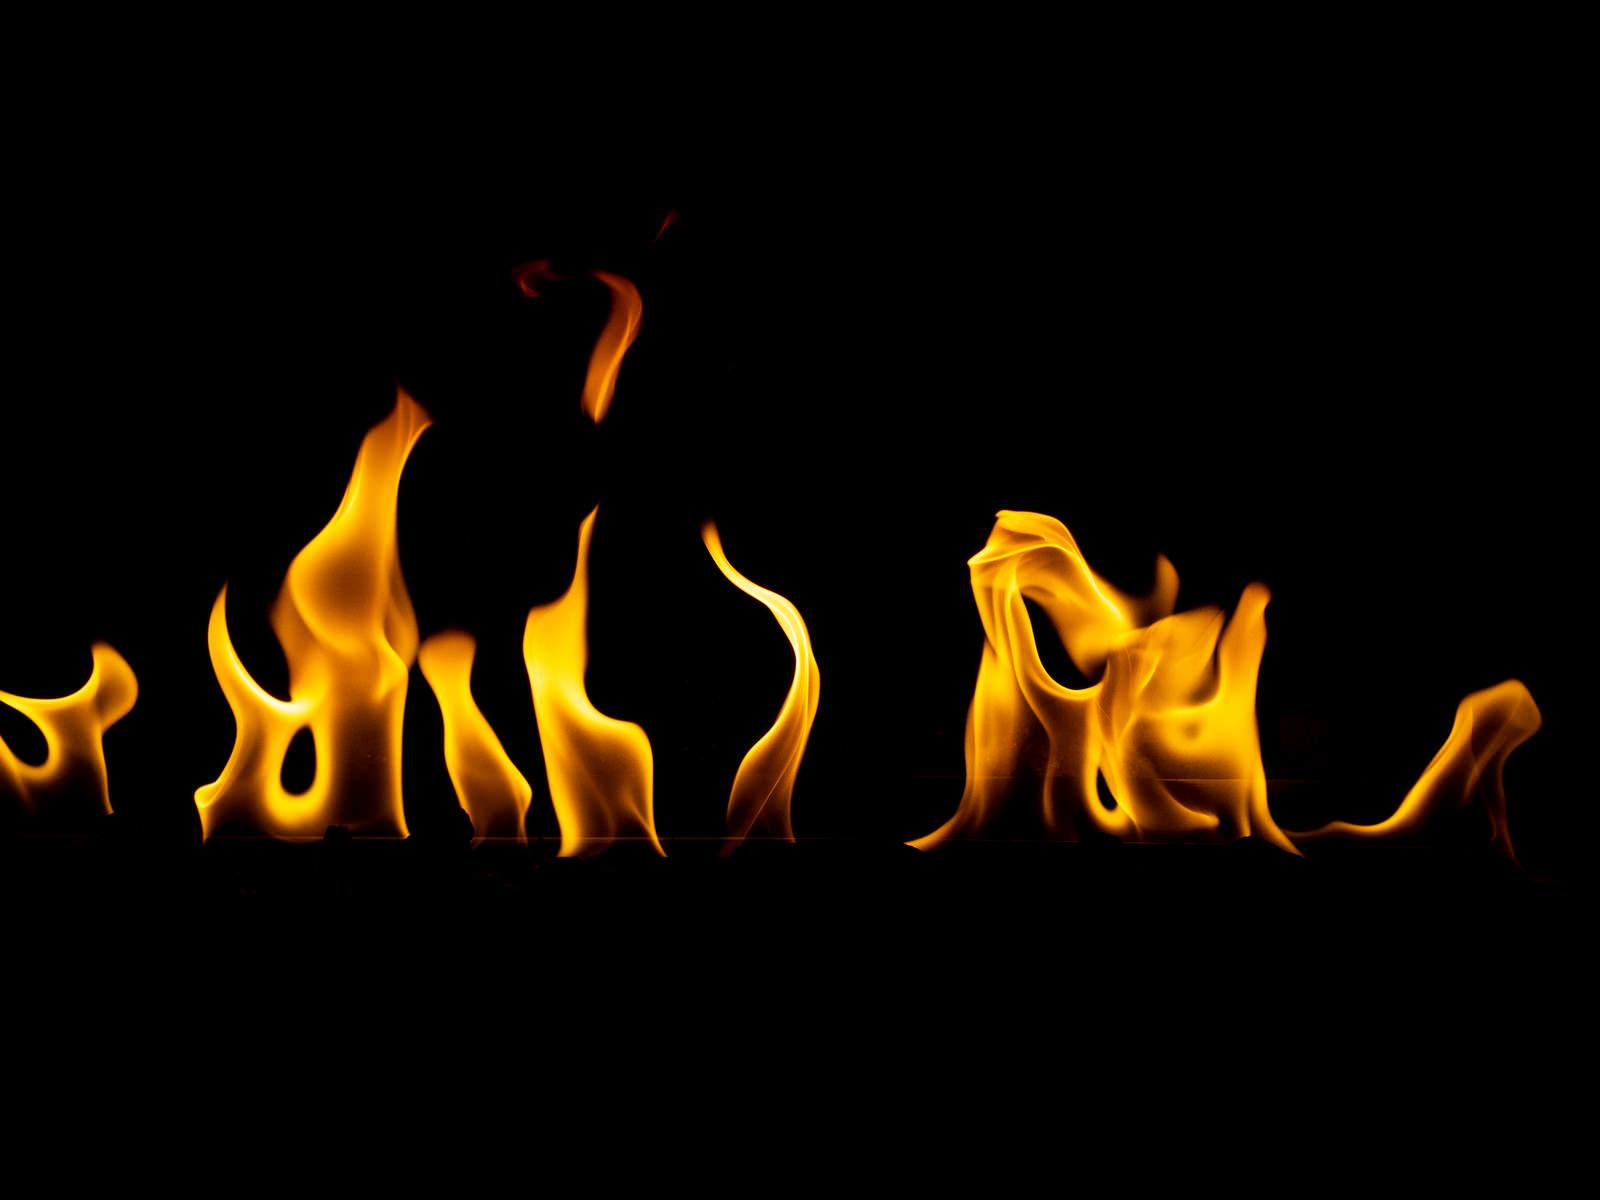 「炎がメラメラ」の写真